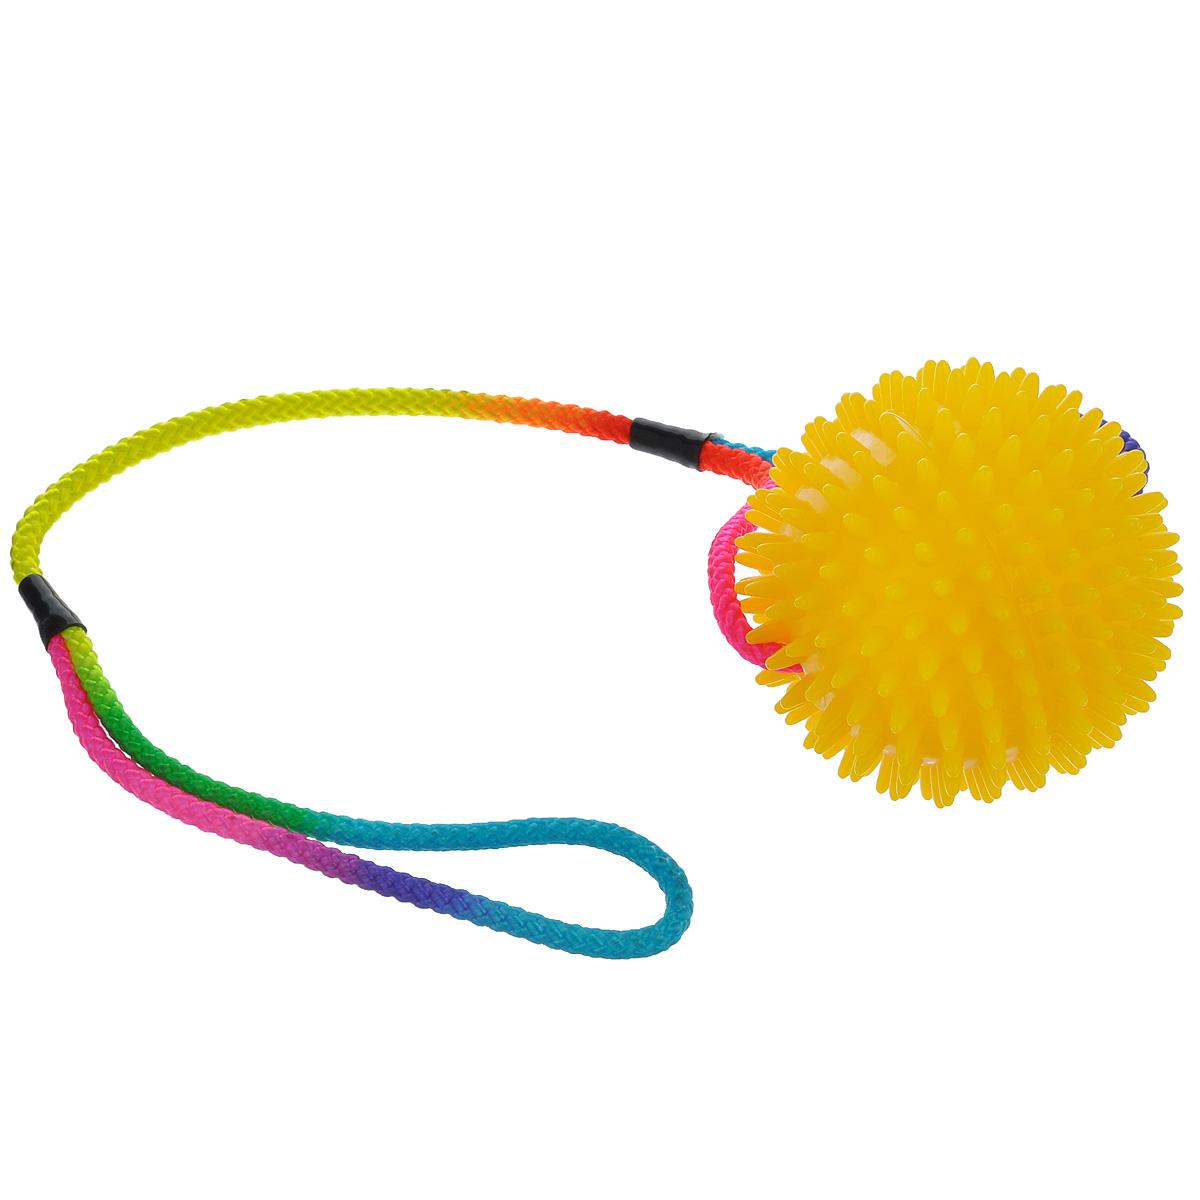 Игрушка для собак V.I.Pet Массажный мяч, на шнуре, цвет: желтый, диаметр 8 см101246Игрушка для собак V.I.Pet Массажный мяч, изготовленная из ПВХ, предназначена для массажа и самомассажа рефлексогенных зон. Она имеет мягкие закругленные массажные шипы, эффективно массирующие и не травмирующие кожу. Сквозь мяч продет шнур.Игрушка не позволит скучать вашему питомцу ни дома, ни на улице.Диаметр: 8 см.Длина шнура: 50 см.